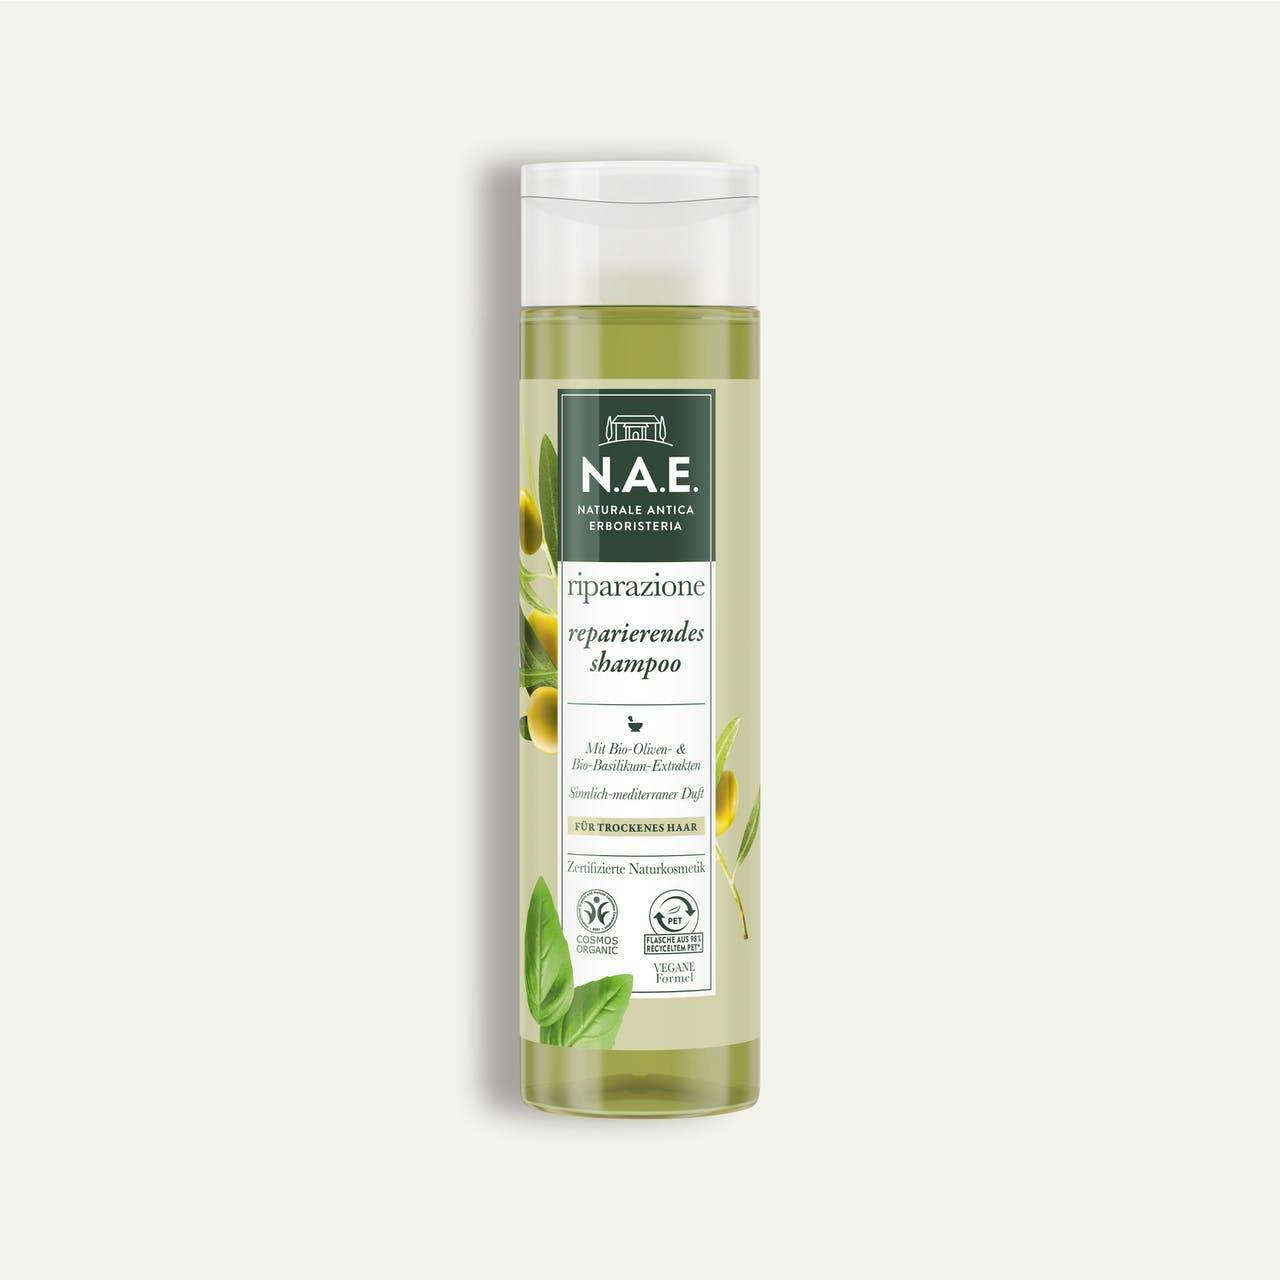 riparazione reparierendes shampoo, 250ml